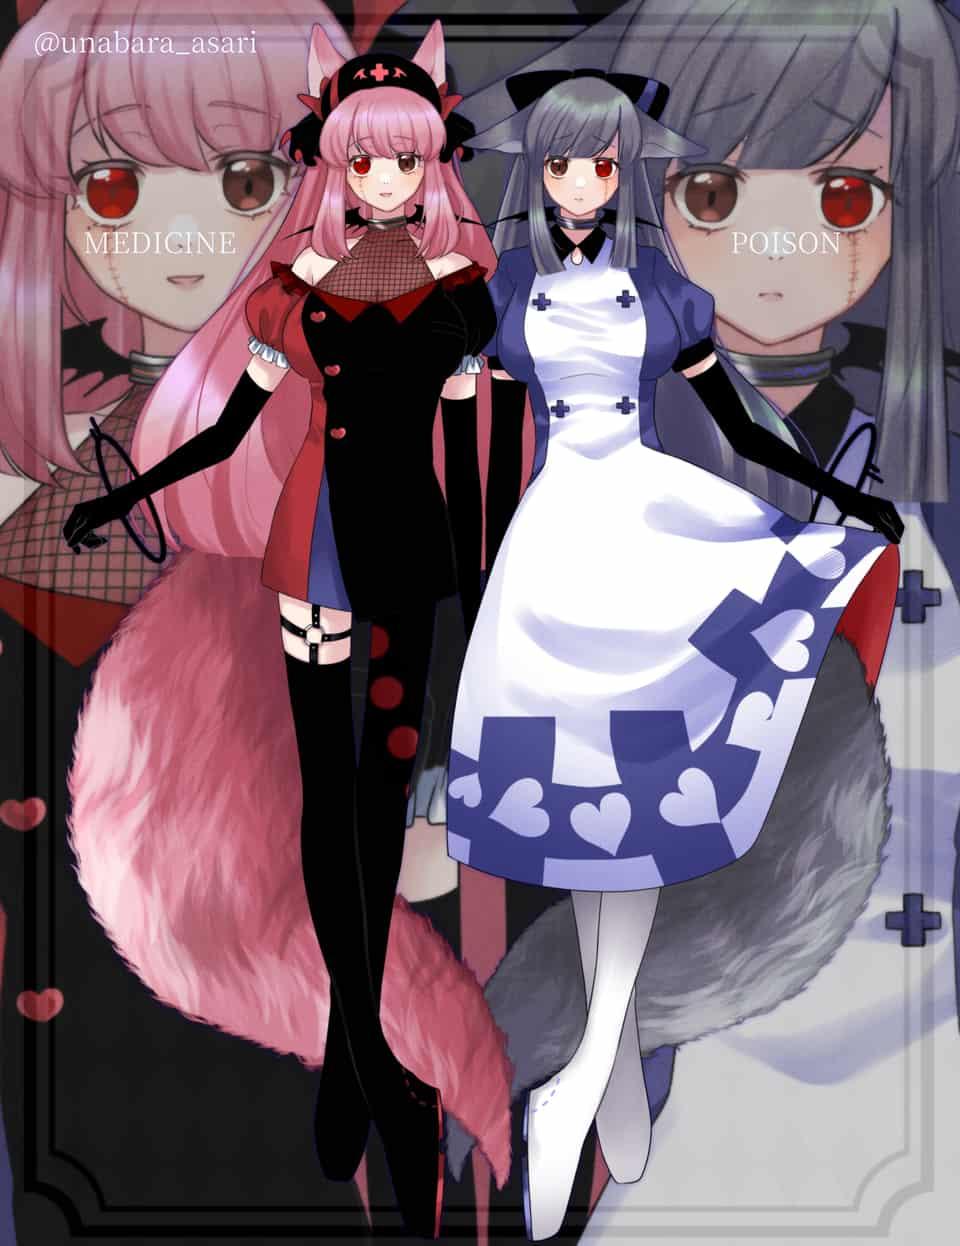 オリジナルキャラクター Illust of 海原あさり oc girl original